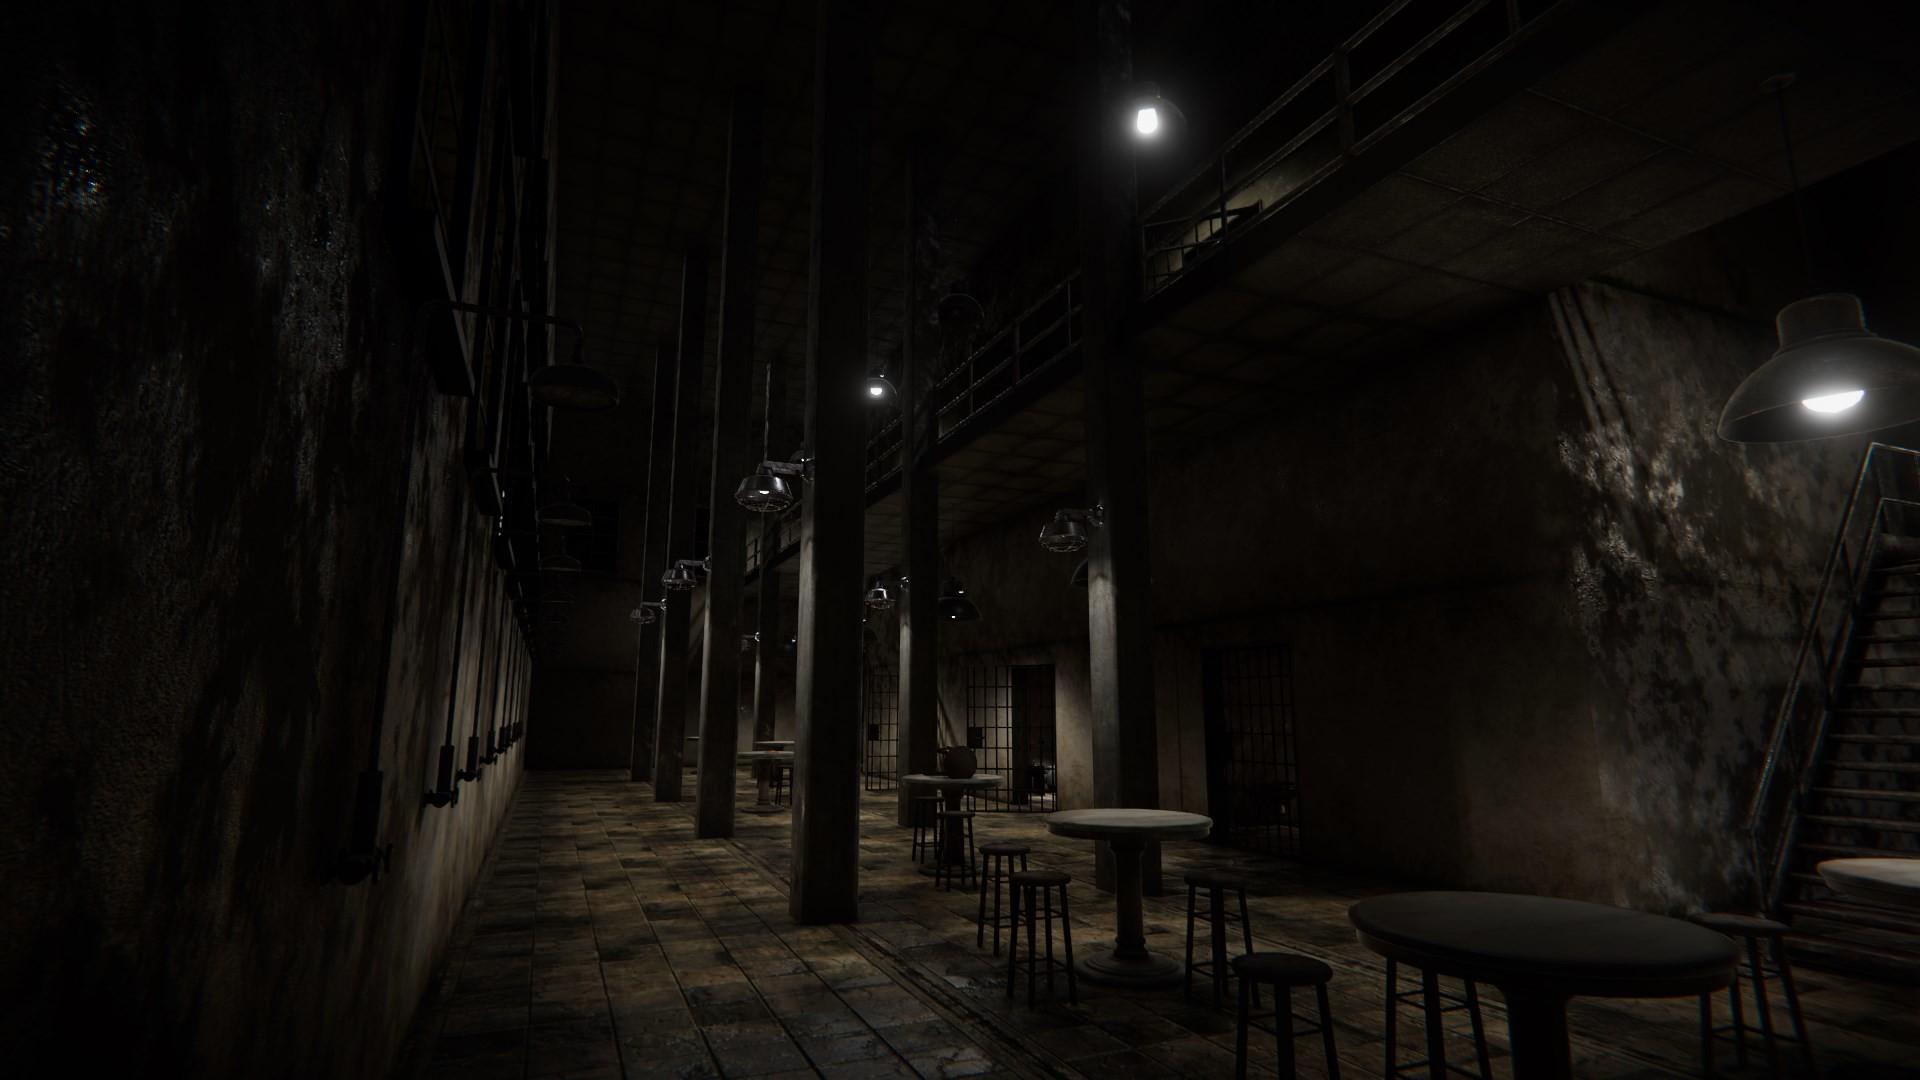 Yasuka taira hq modular prison 7bq5xwb3pq